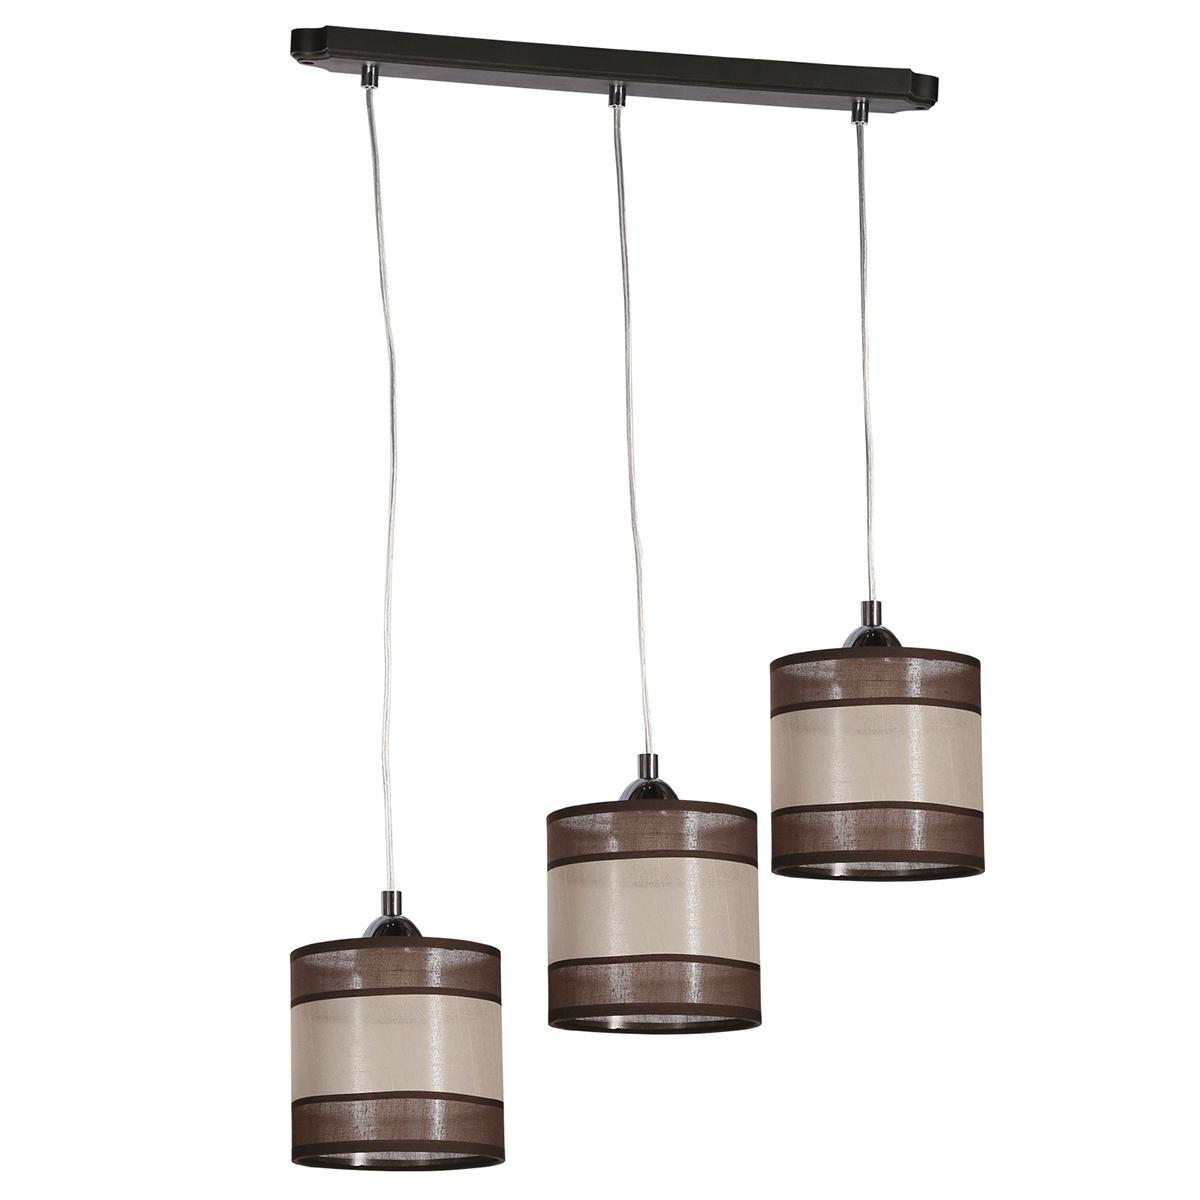 Фото - Подвесной светильник Дубравия ЛОРИ, E27 подвесной светильник дубравия лори 181 41 23